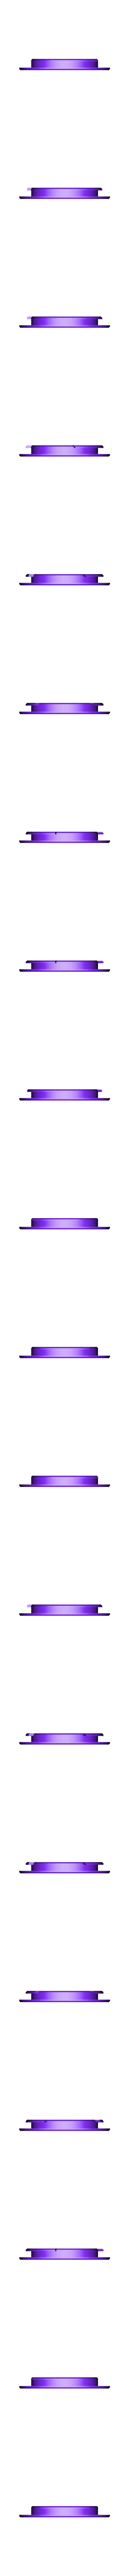 PB-004.stl Download STL file Spooky Money Jar • Template to 3D print, Timtim